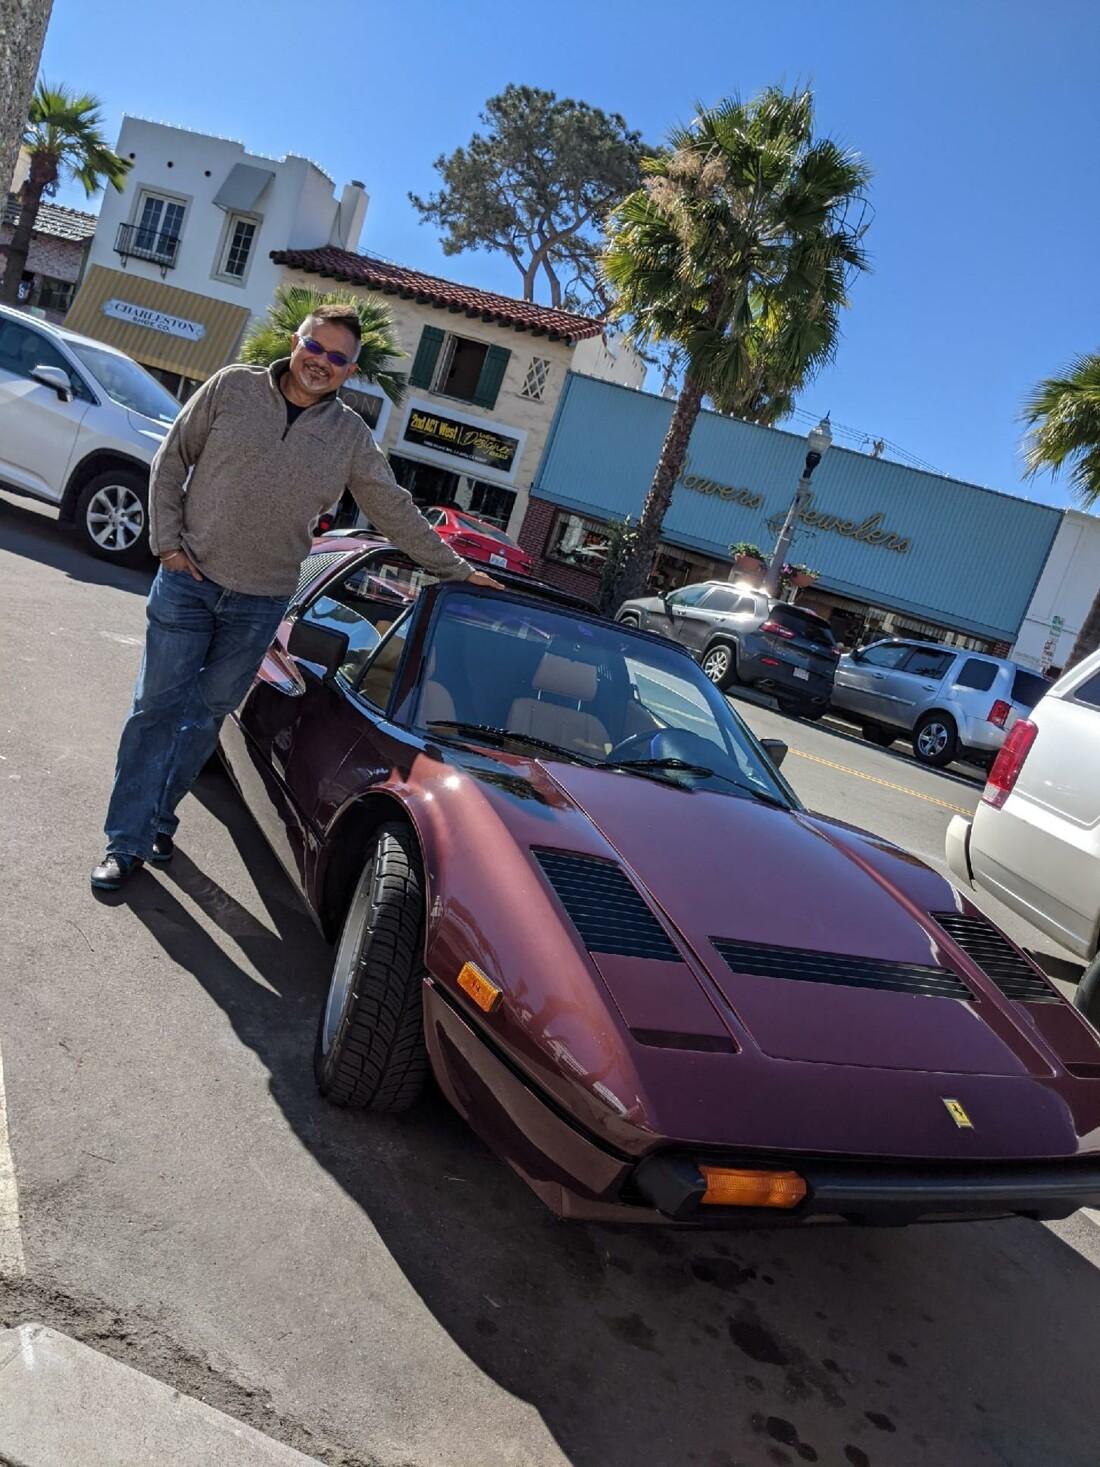 1985 Ferrari 308 GTS Quattrovalvole image D9DC97B2-0149-4B1E-B17C-09792AD0A545.jpeg